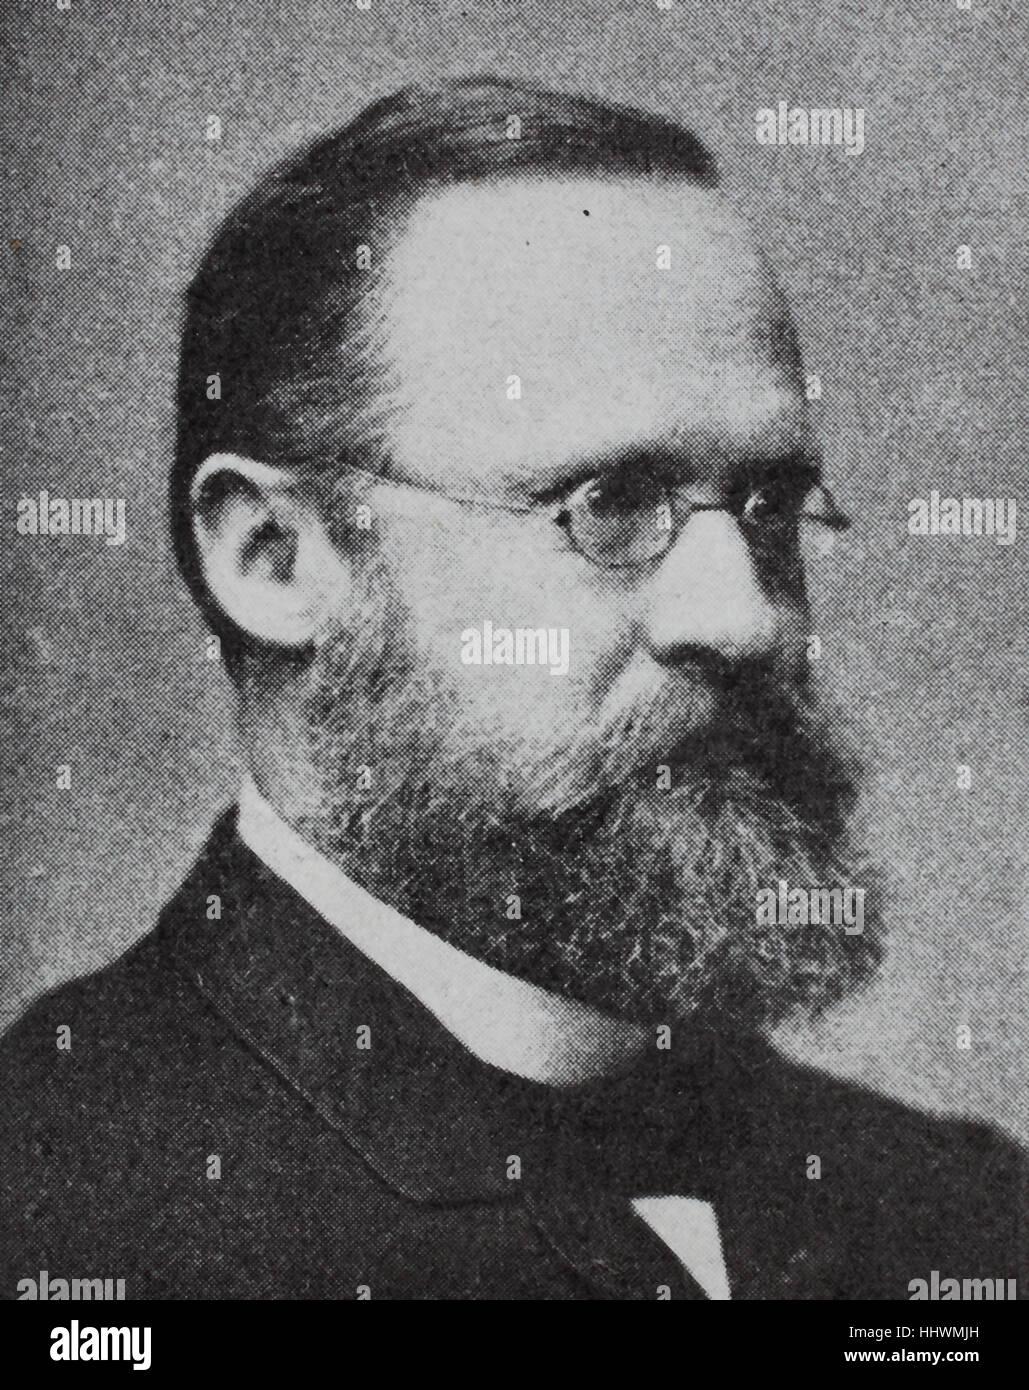 Wilhelm Heinrich Erb, 1840 - 1921, German neurologist, historical image or illustration, published 1890, digital - Stock Image